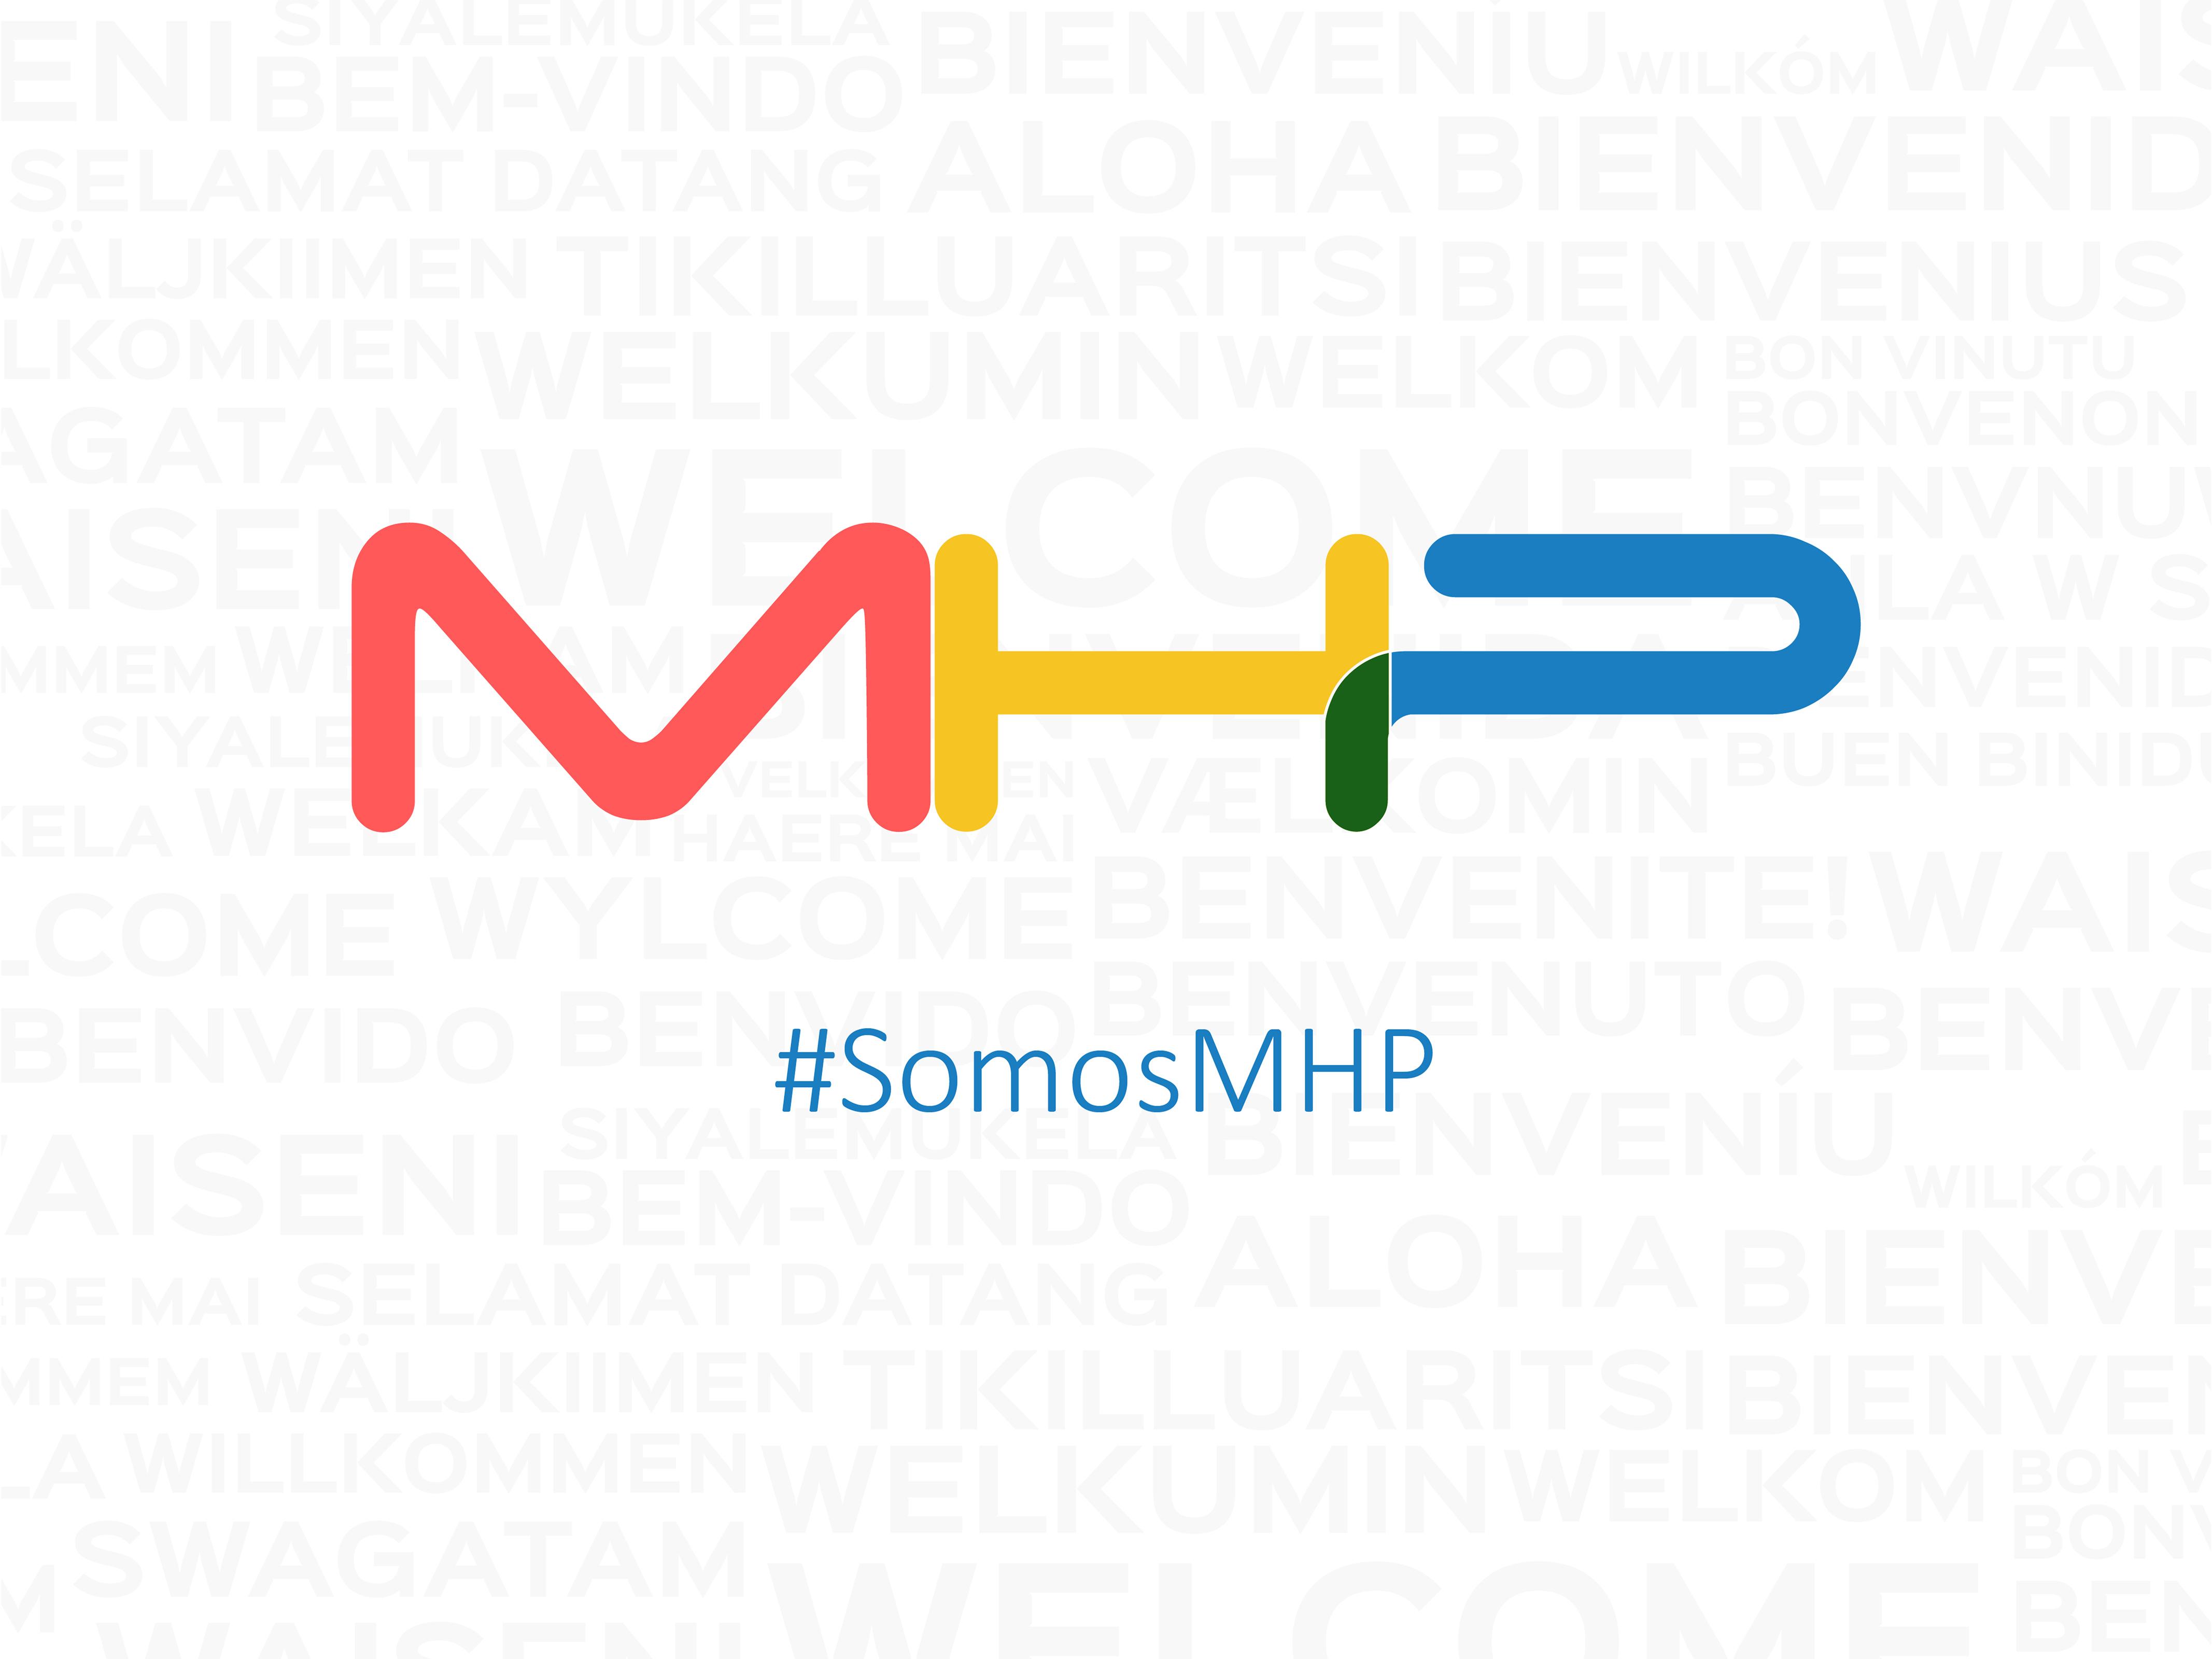 mhp-blog-nueva-imagen